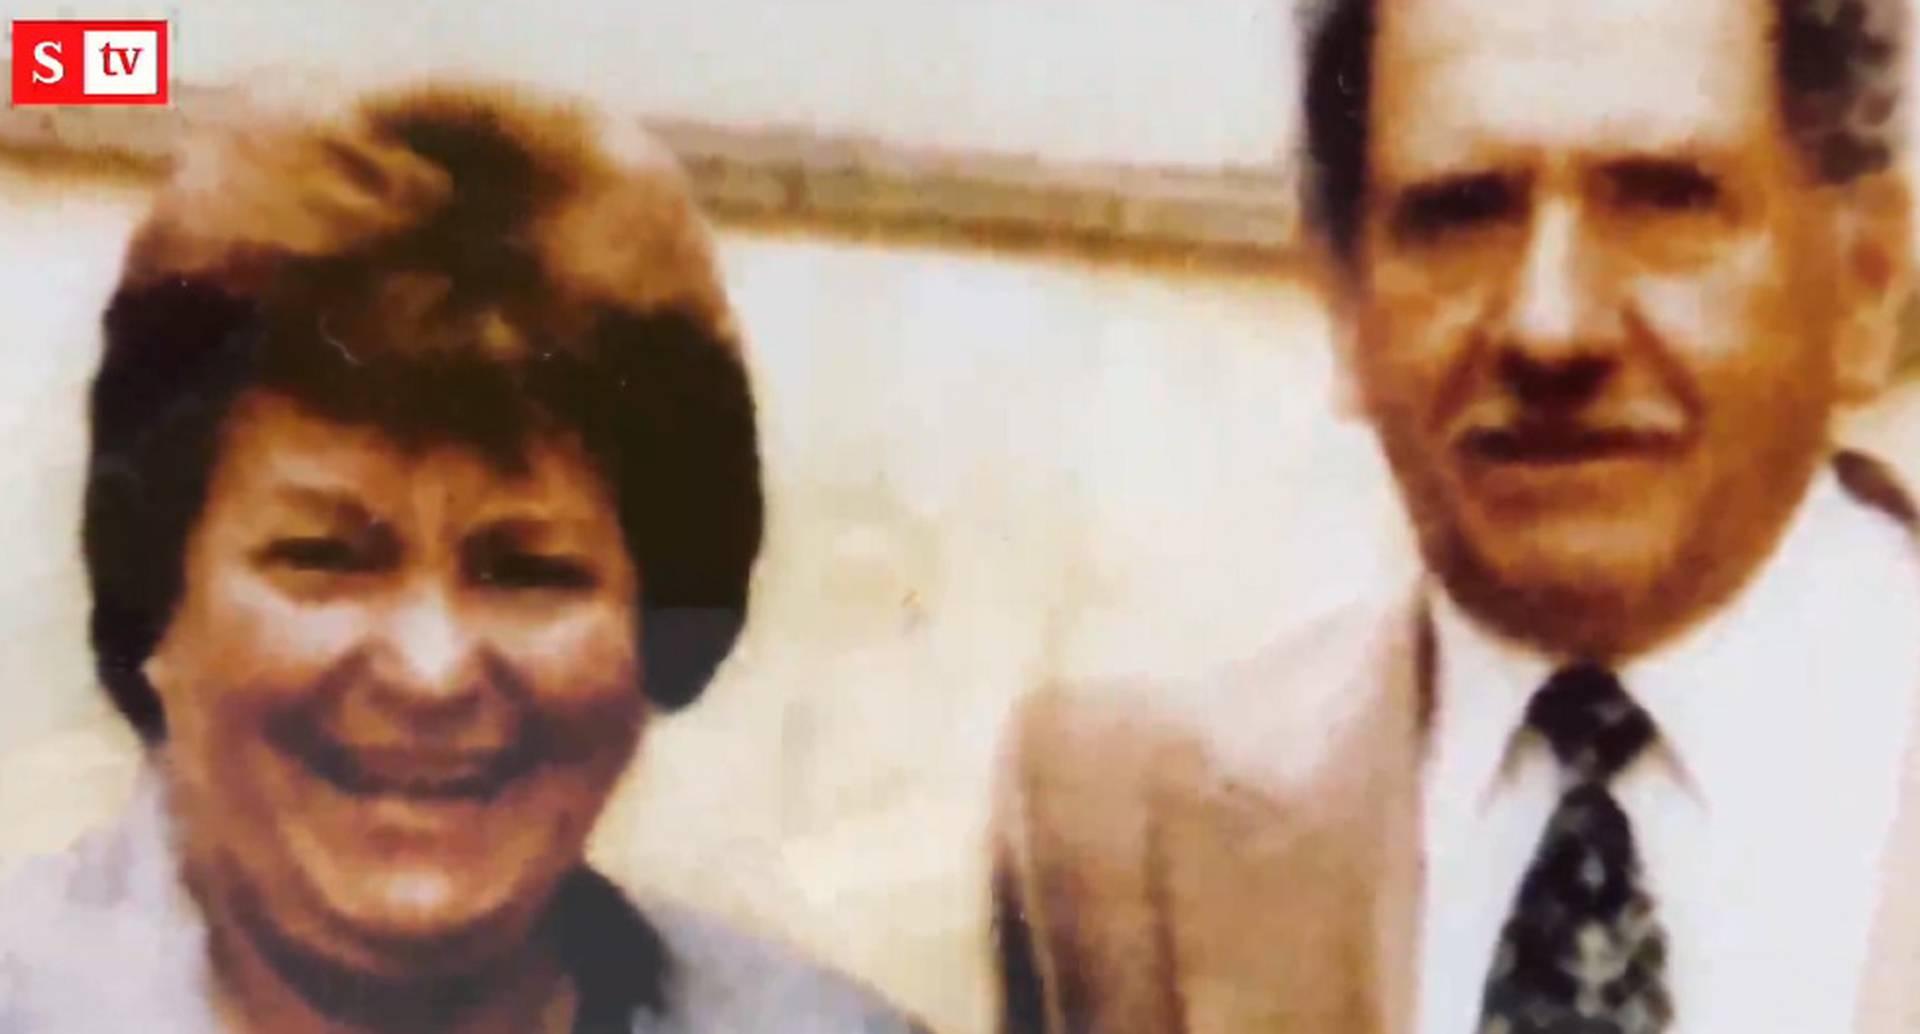 Los padres de Héctor fueron secuestrados el 17 de abril de 2000. Él se enteró que fueron asesinados en 2002.